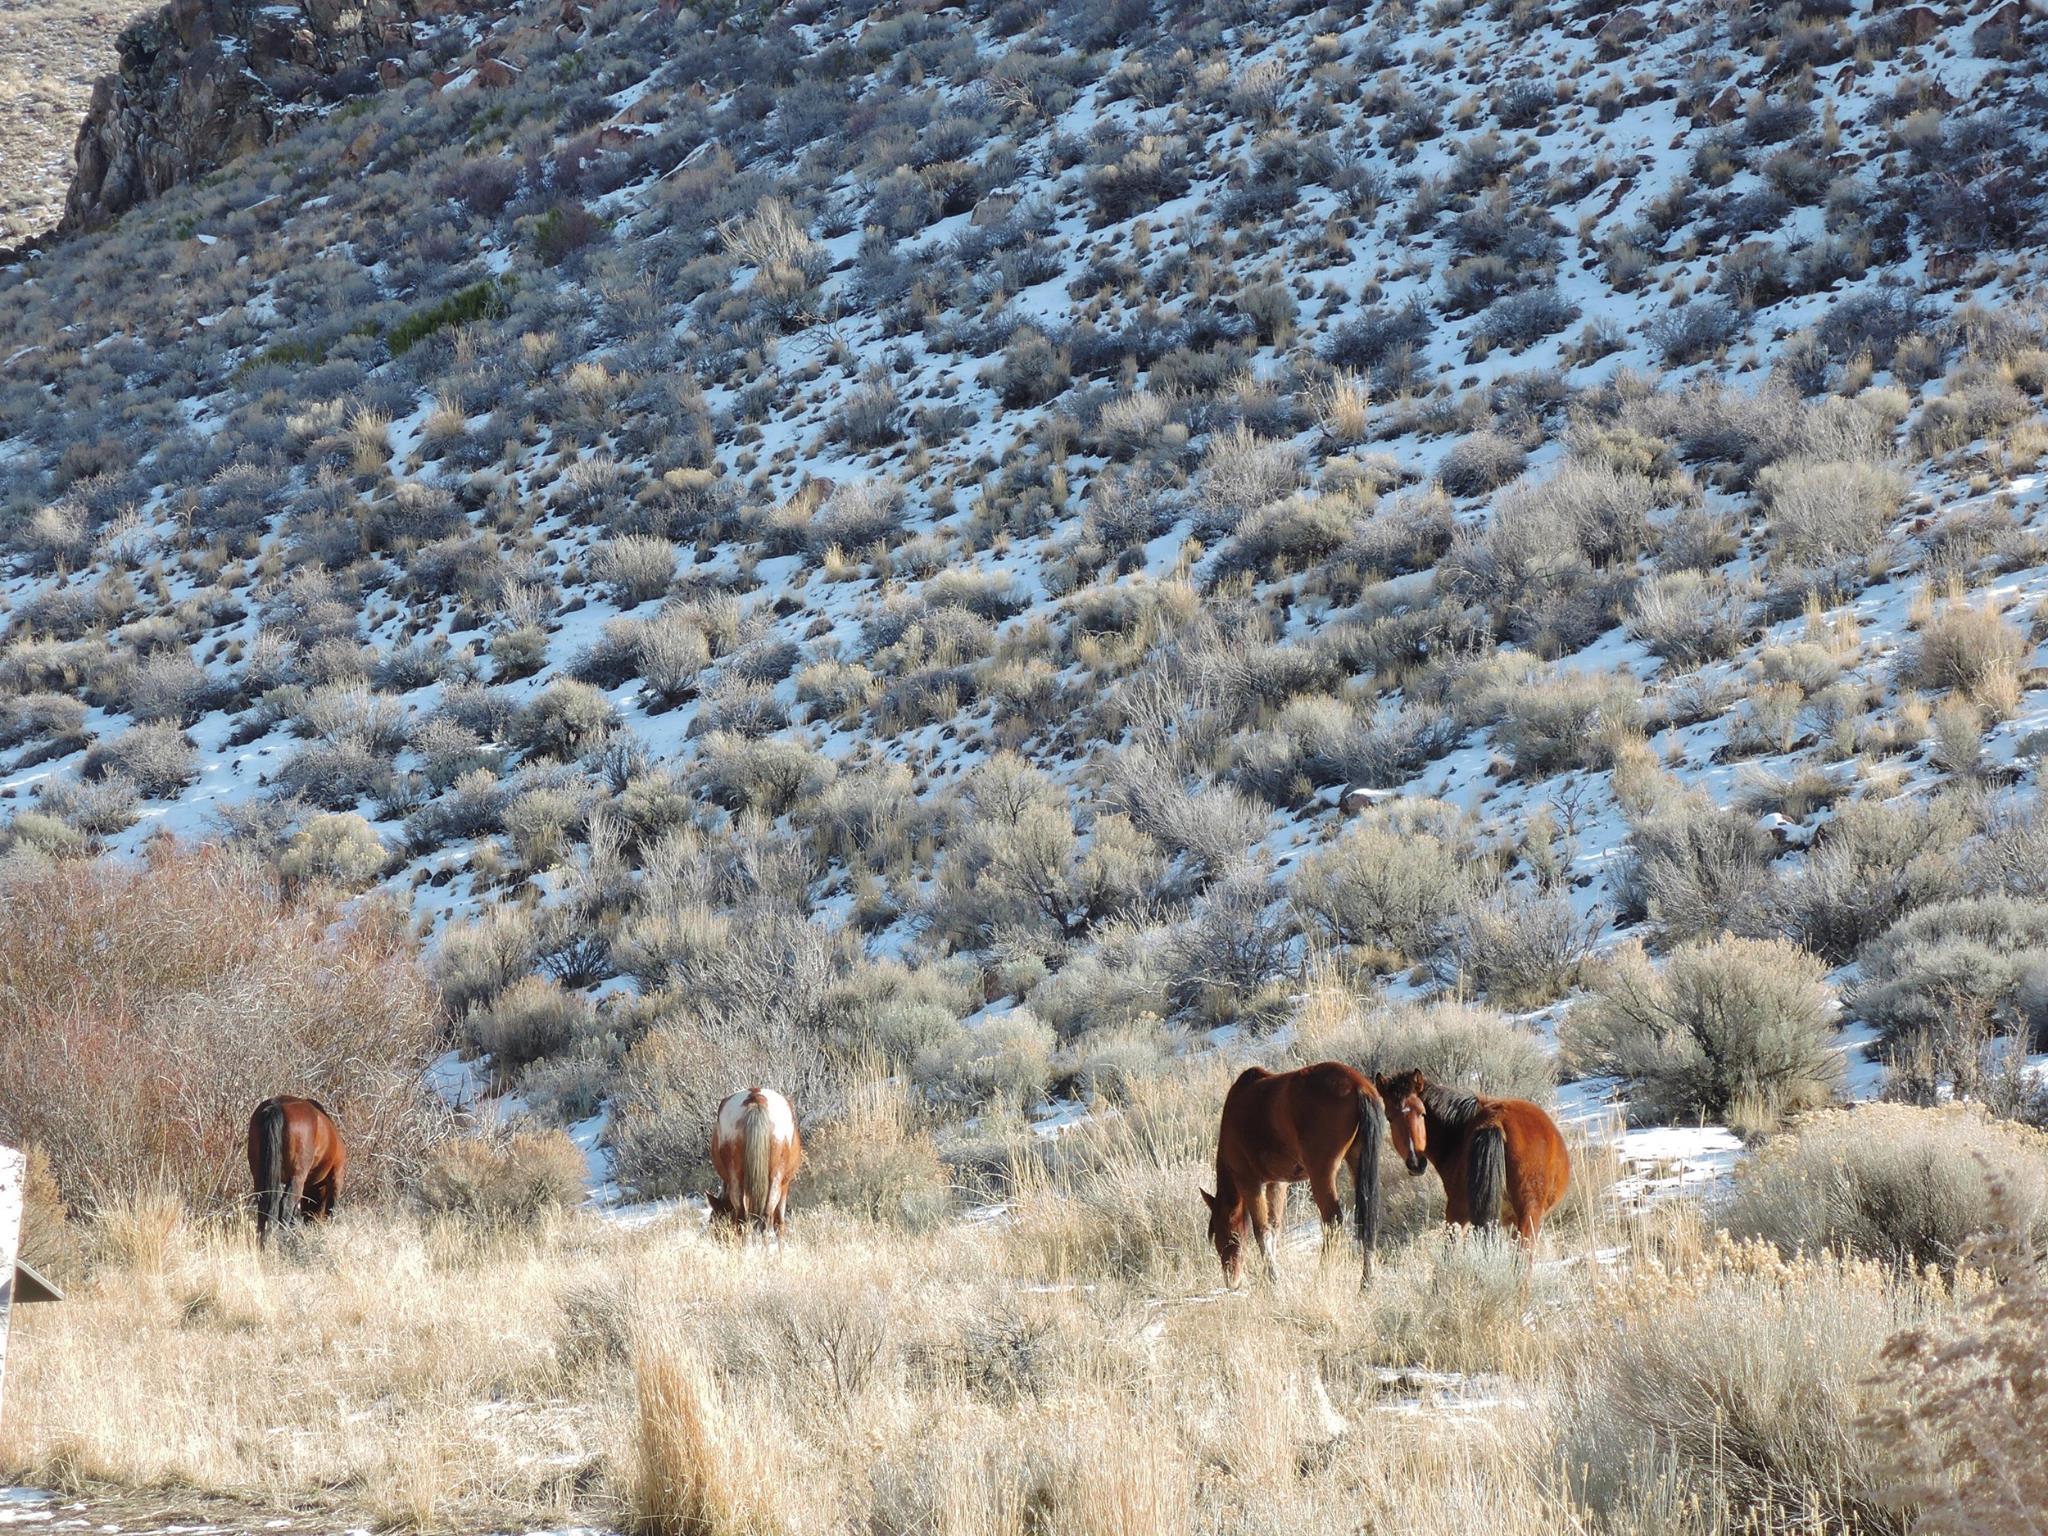 Wild Horses at Washoe Lake State Park